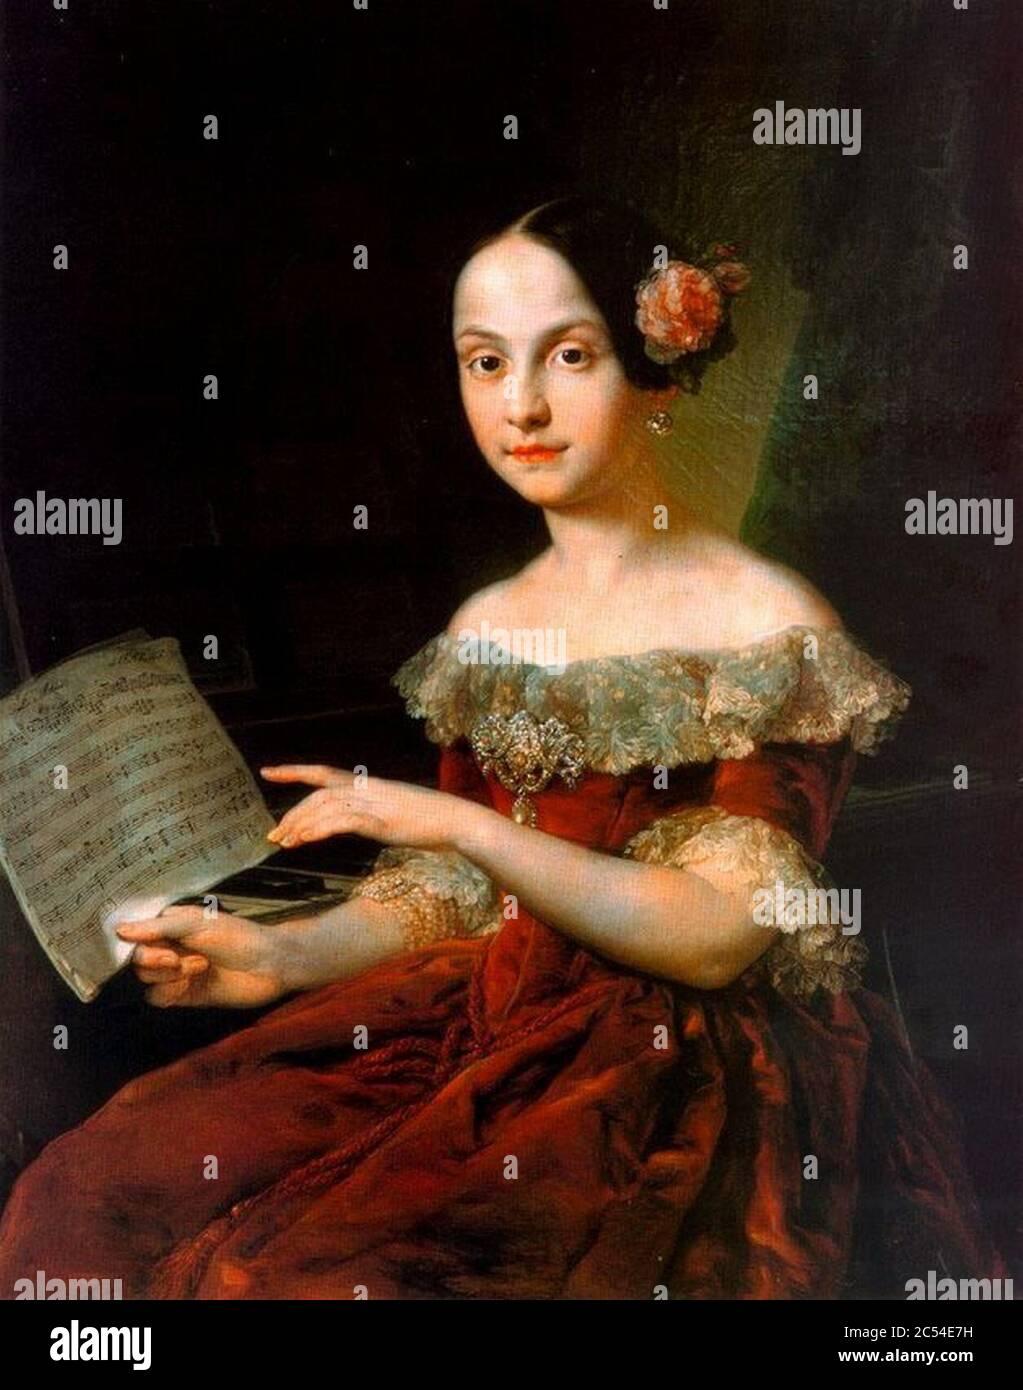 Infanta Luisa Fernanda, niña, estudiando música (Reales Alcáceres de Sevilla). Stock Photo